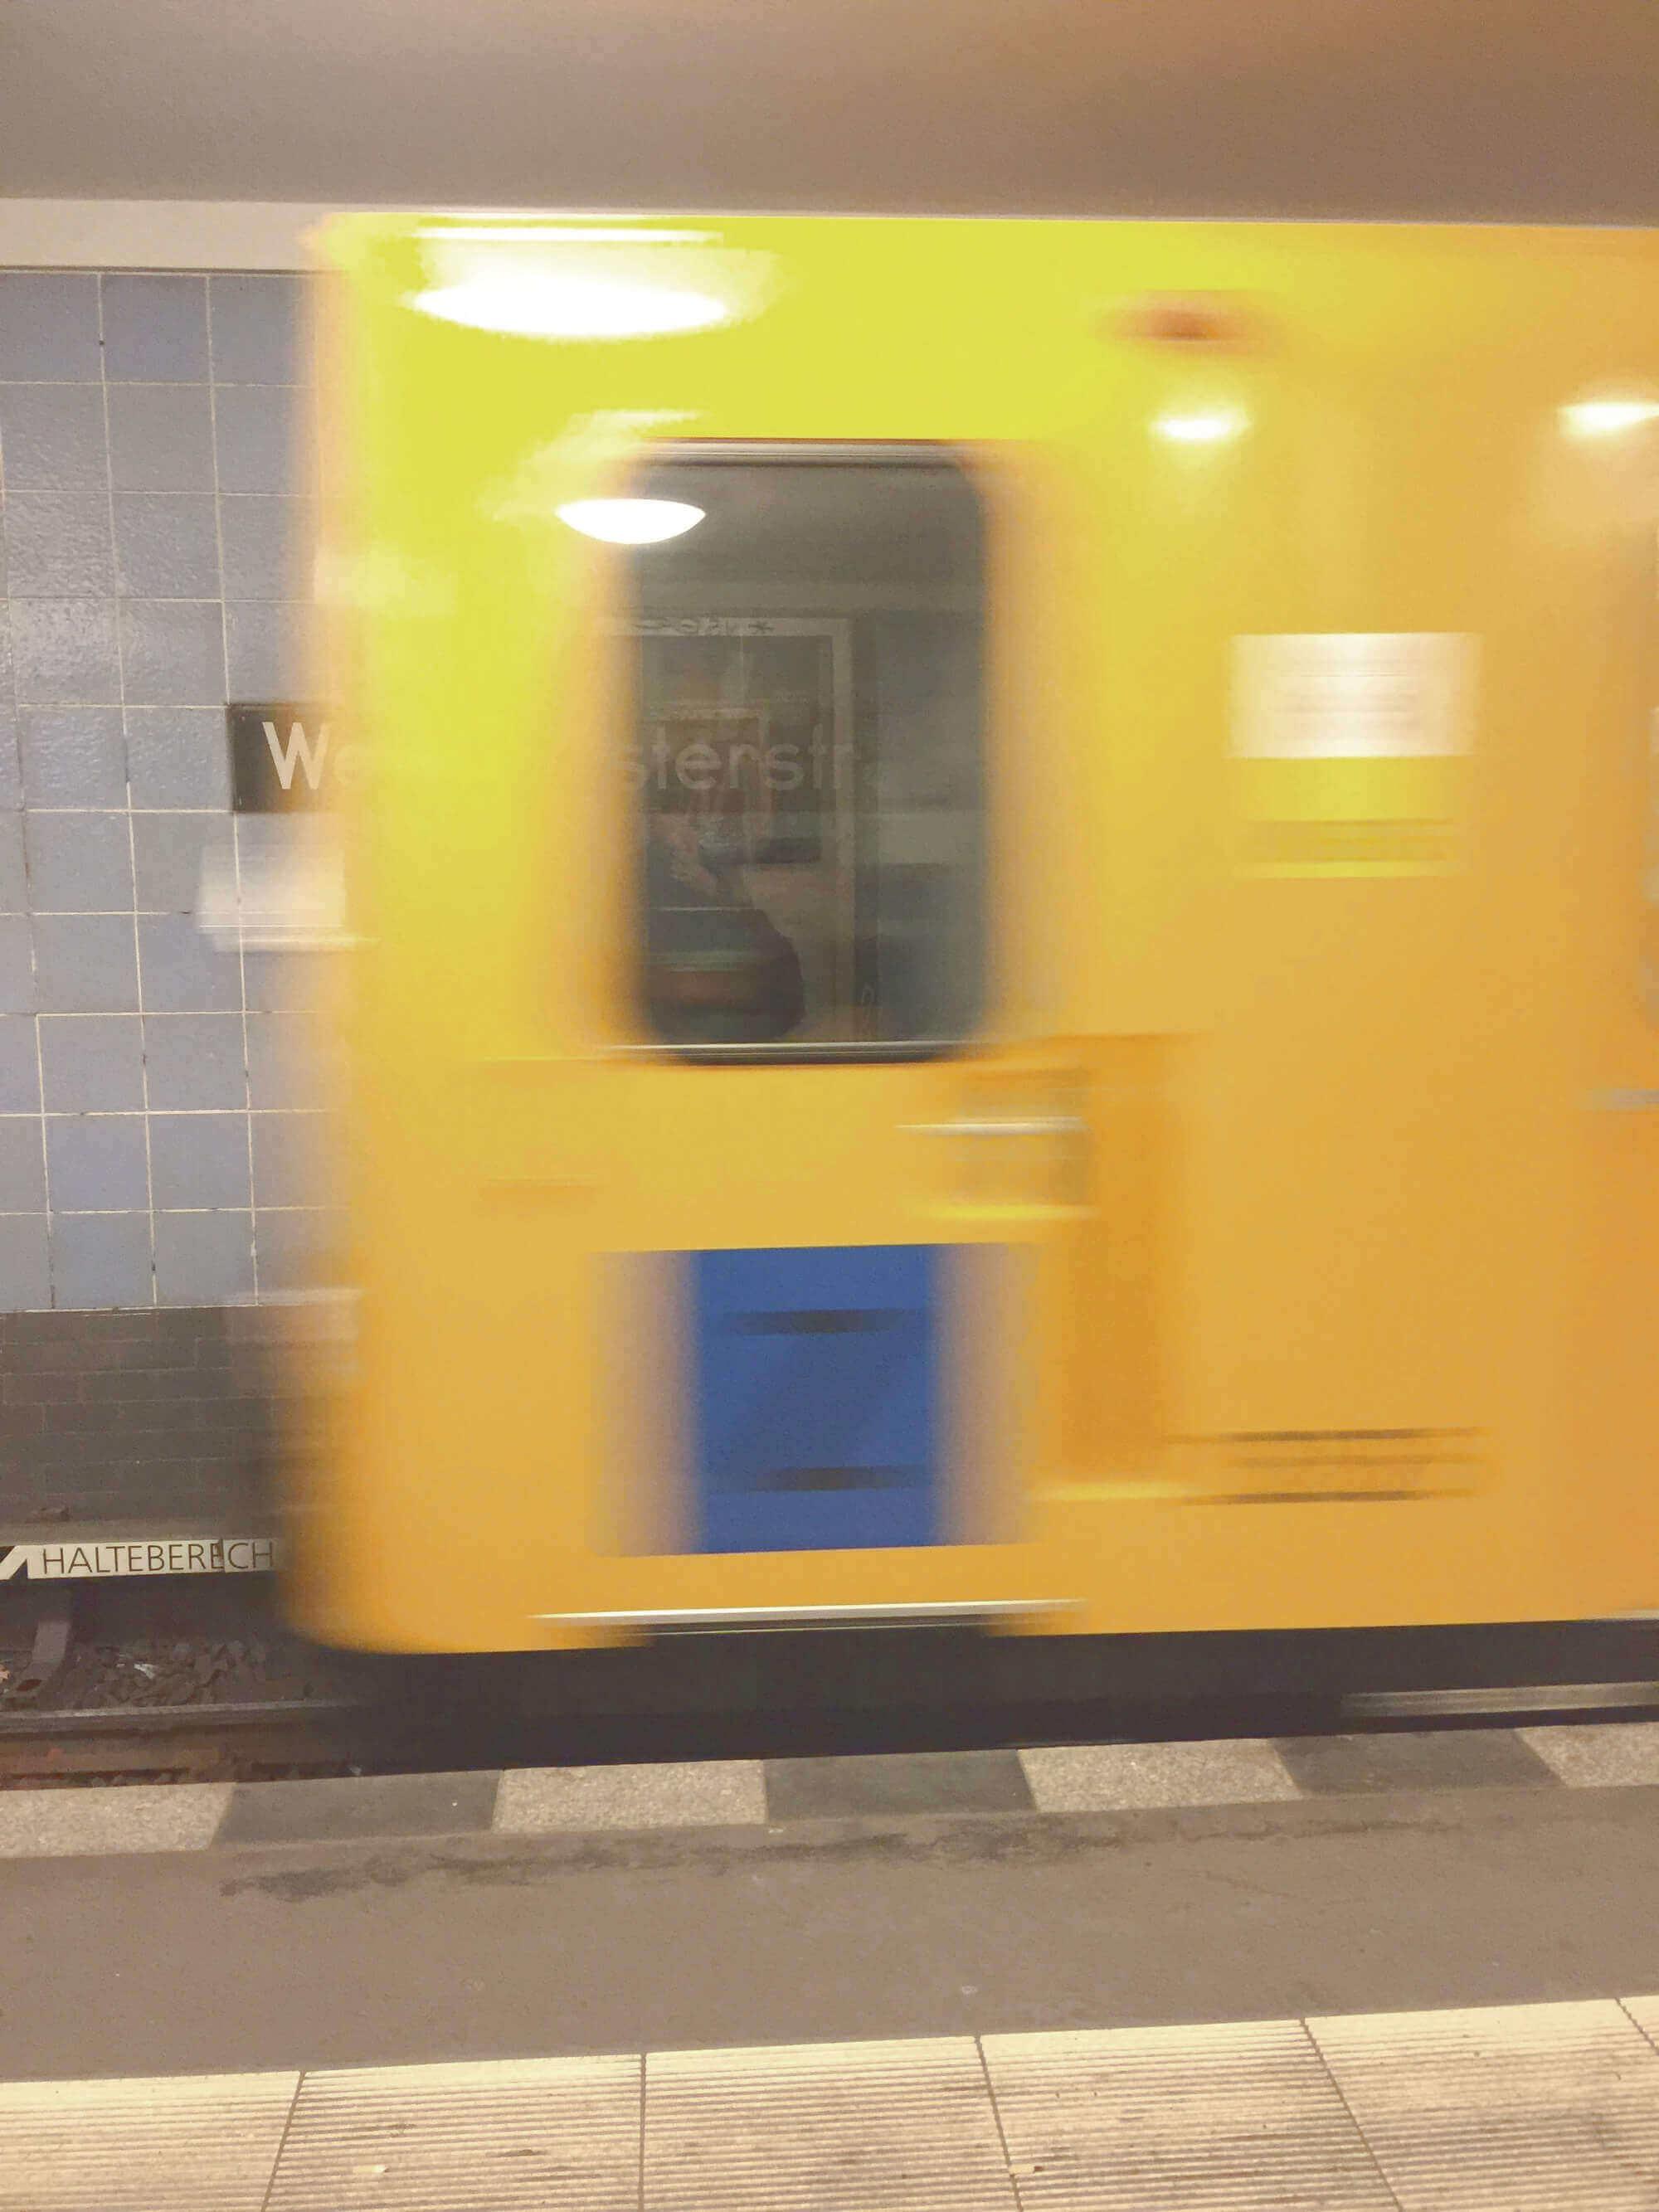 einkommende Berliner U-Bahn in Bahnhof Weinmeisterstraße